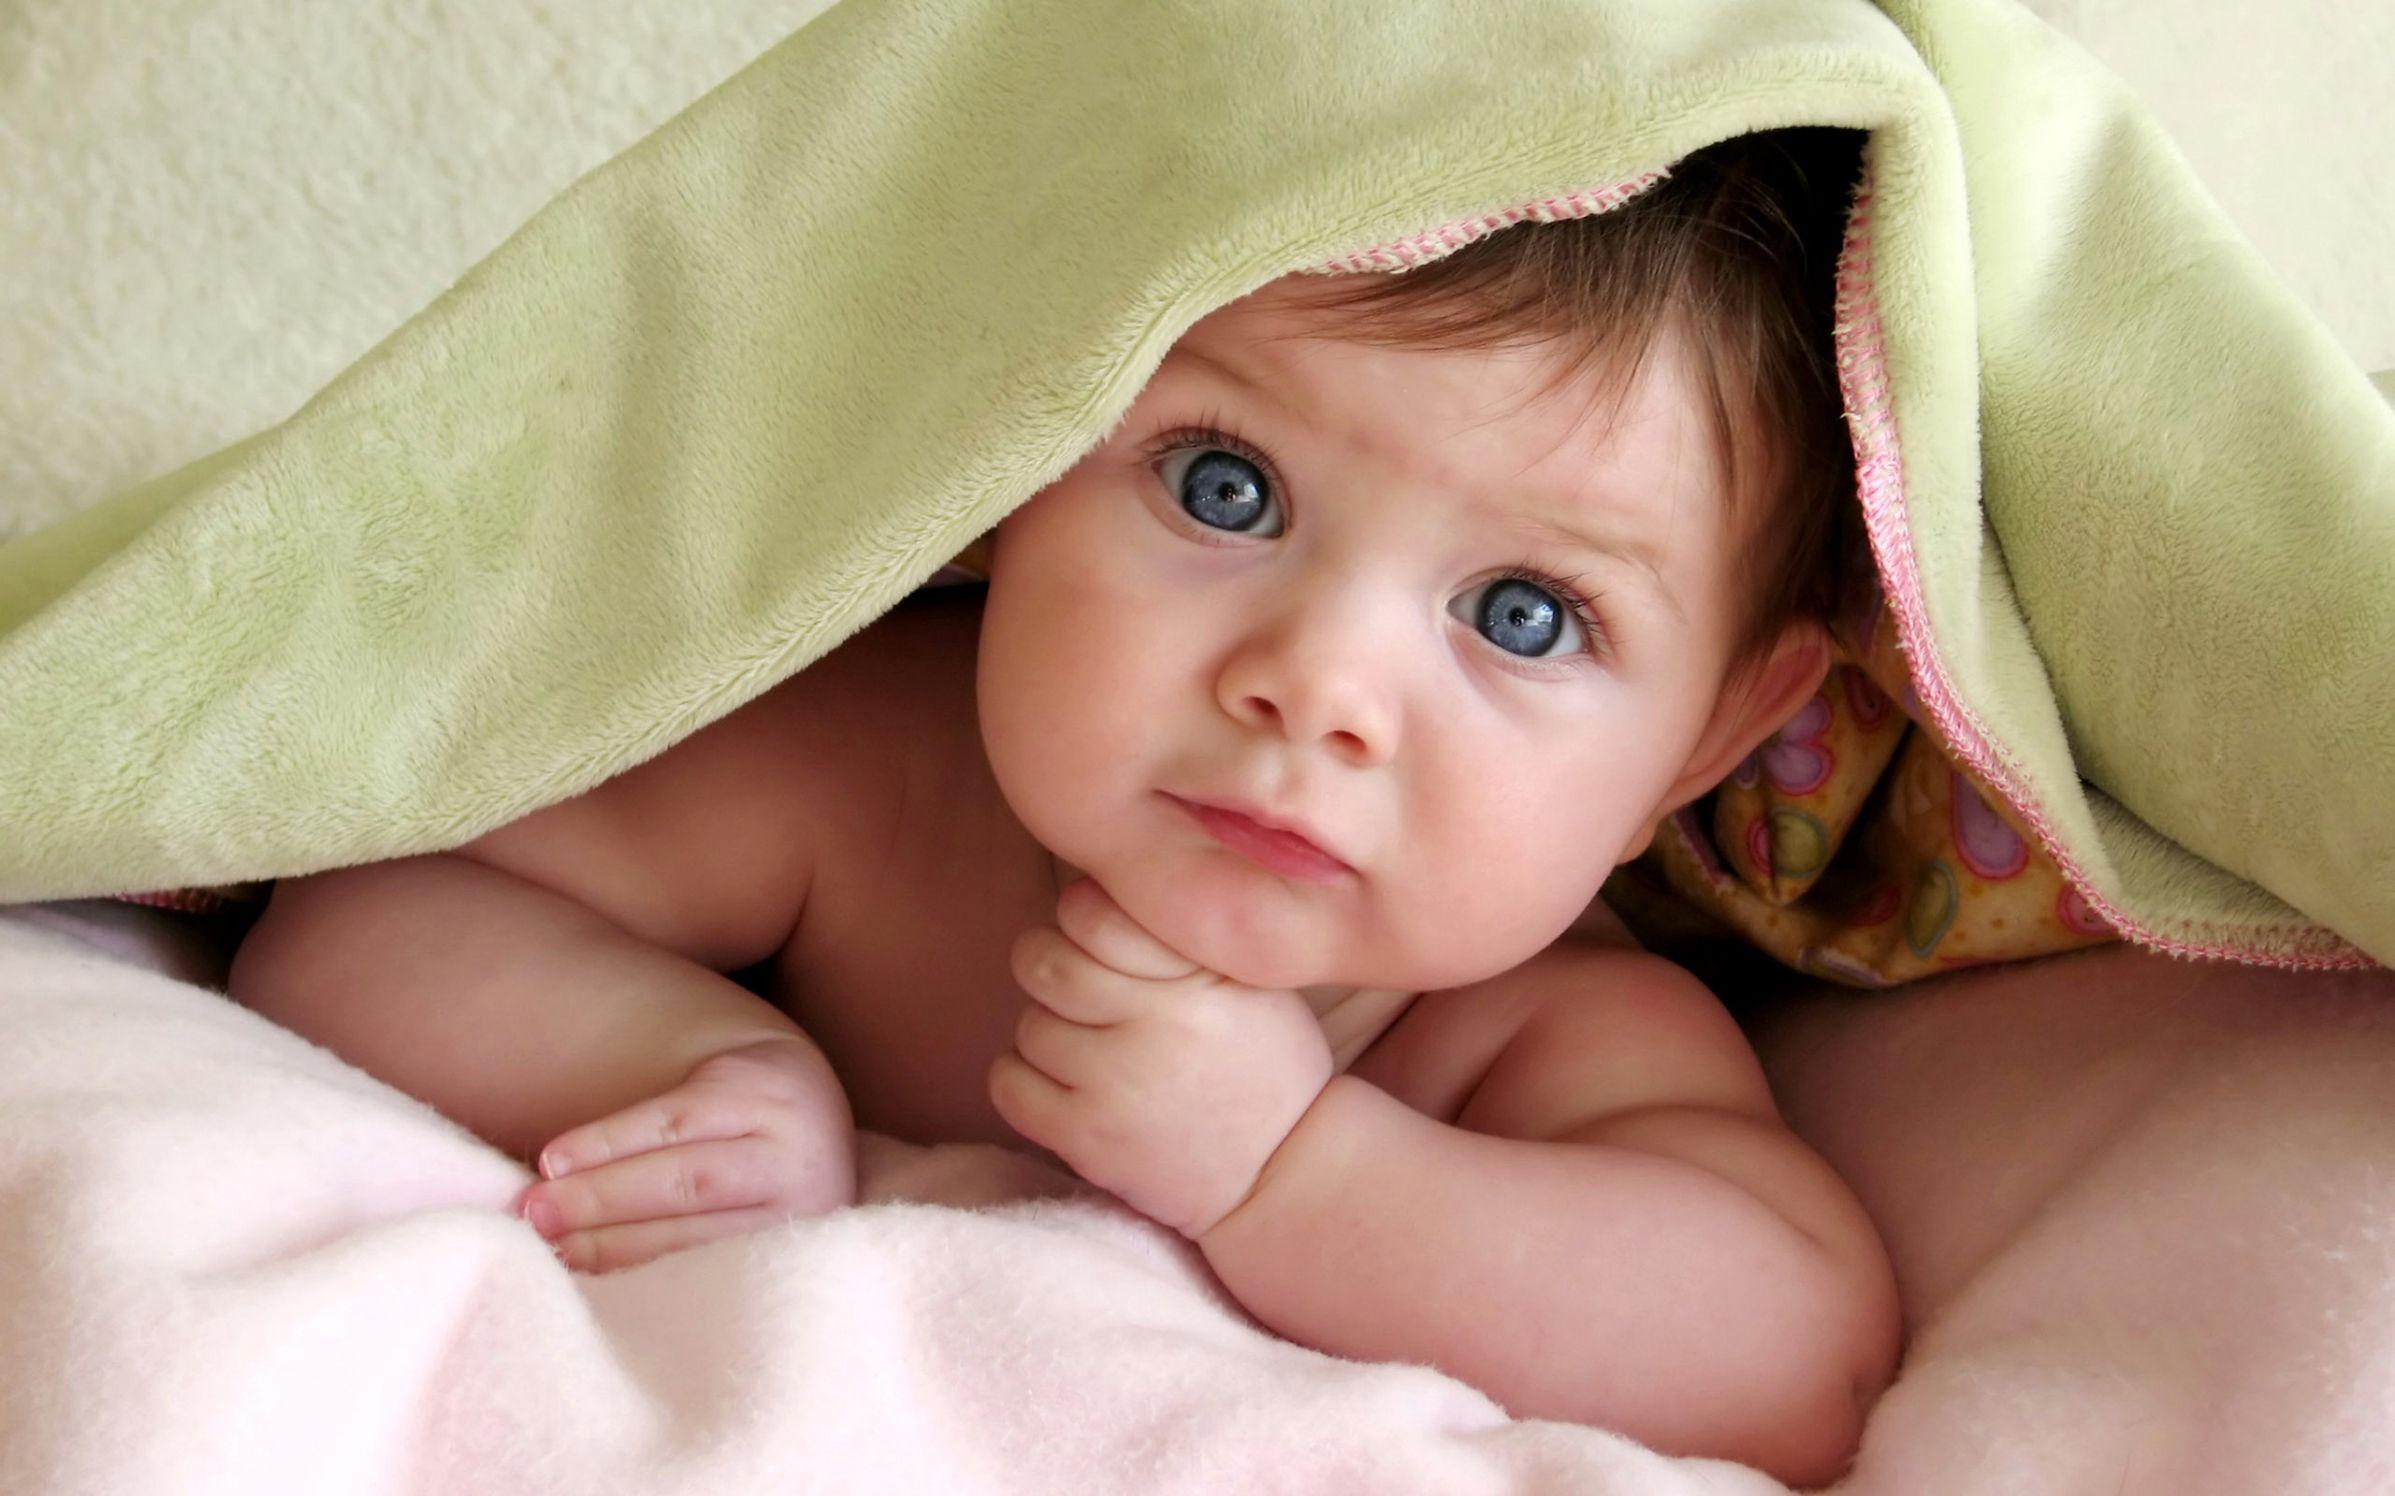 Funny Baby Meme Creator : Cute baby meme generator imgflip